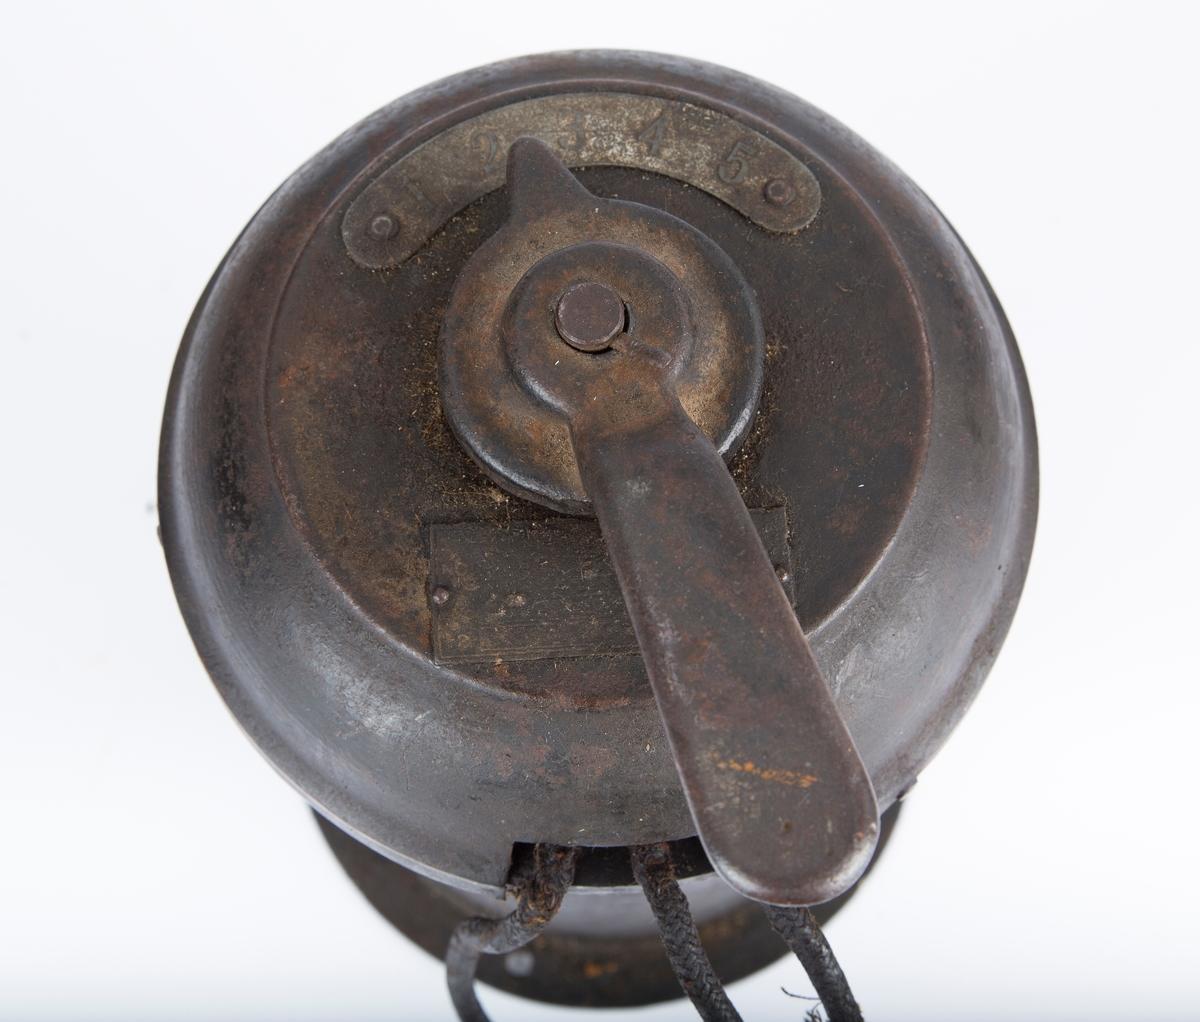 Sylinder med en bryter/dreiearm øverst.